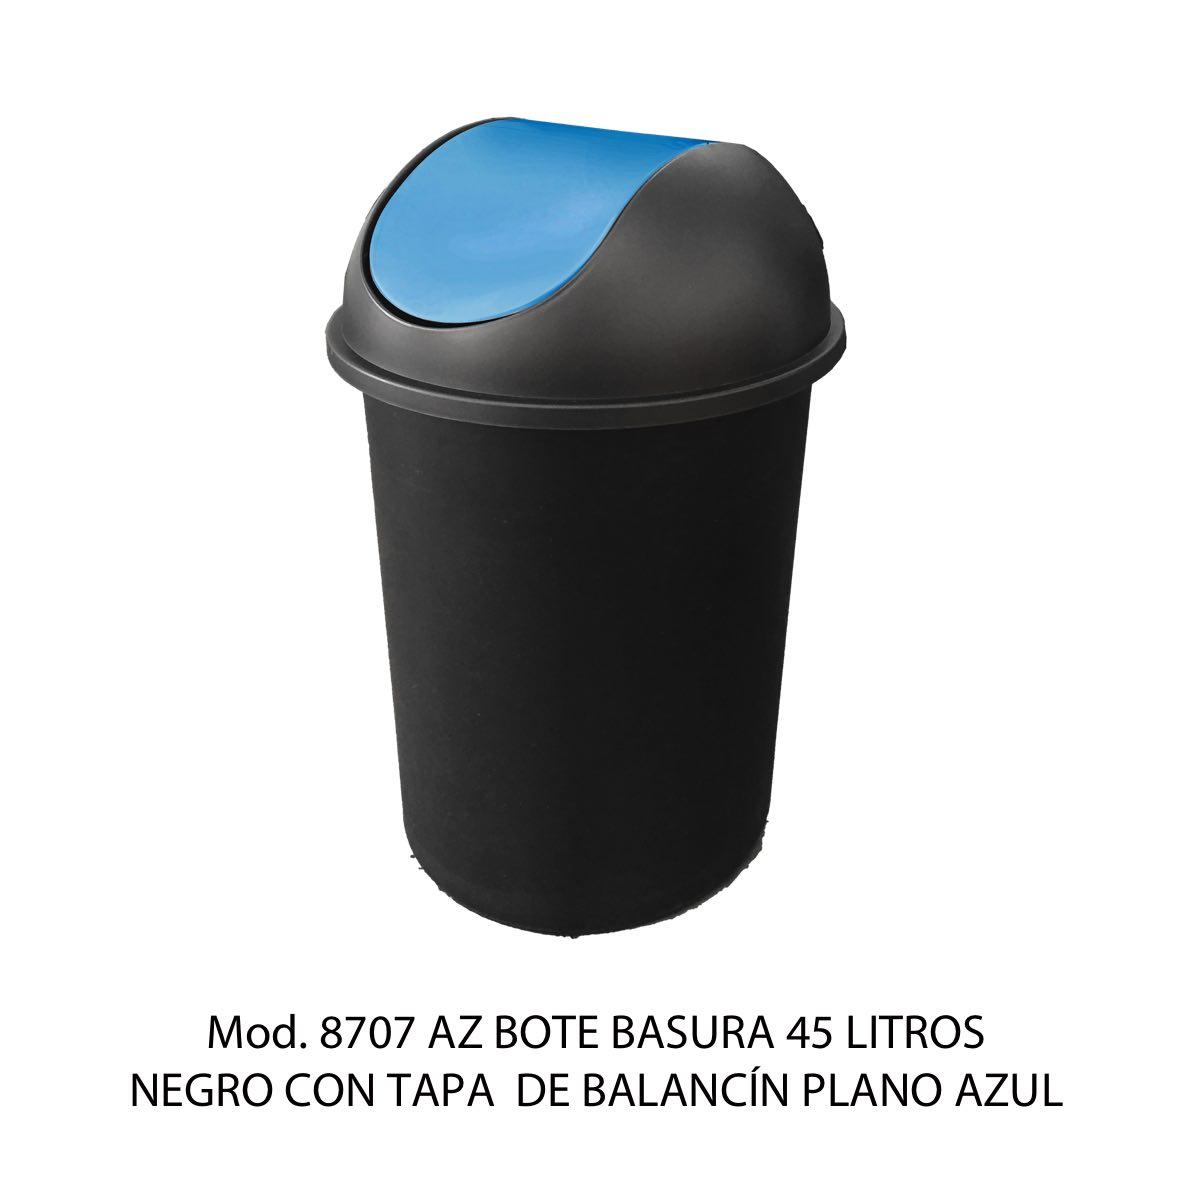 Bote de basura redondo negro de 45 litros con tapa azul tipo balancín liso modelo 8707 AZ Sablón